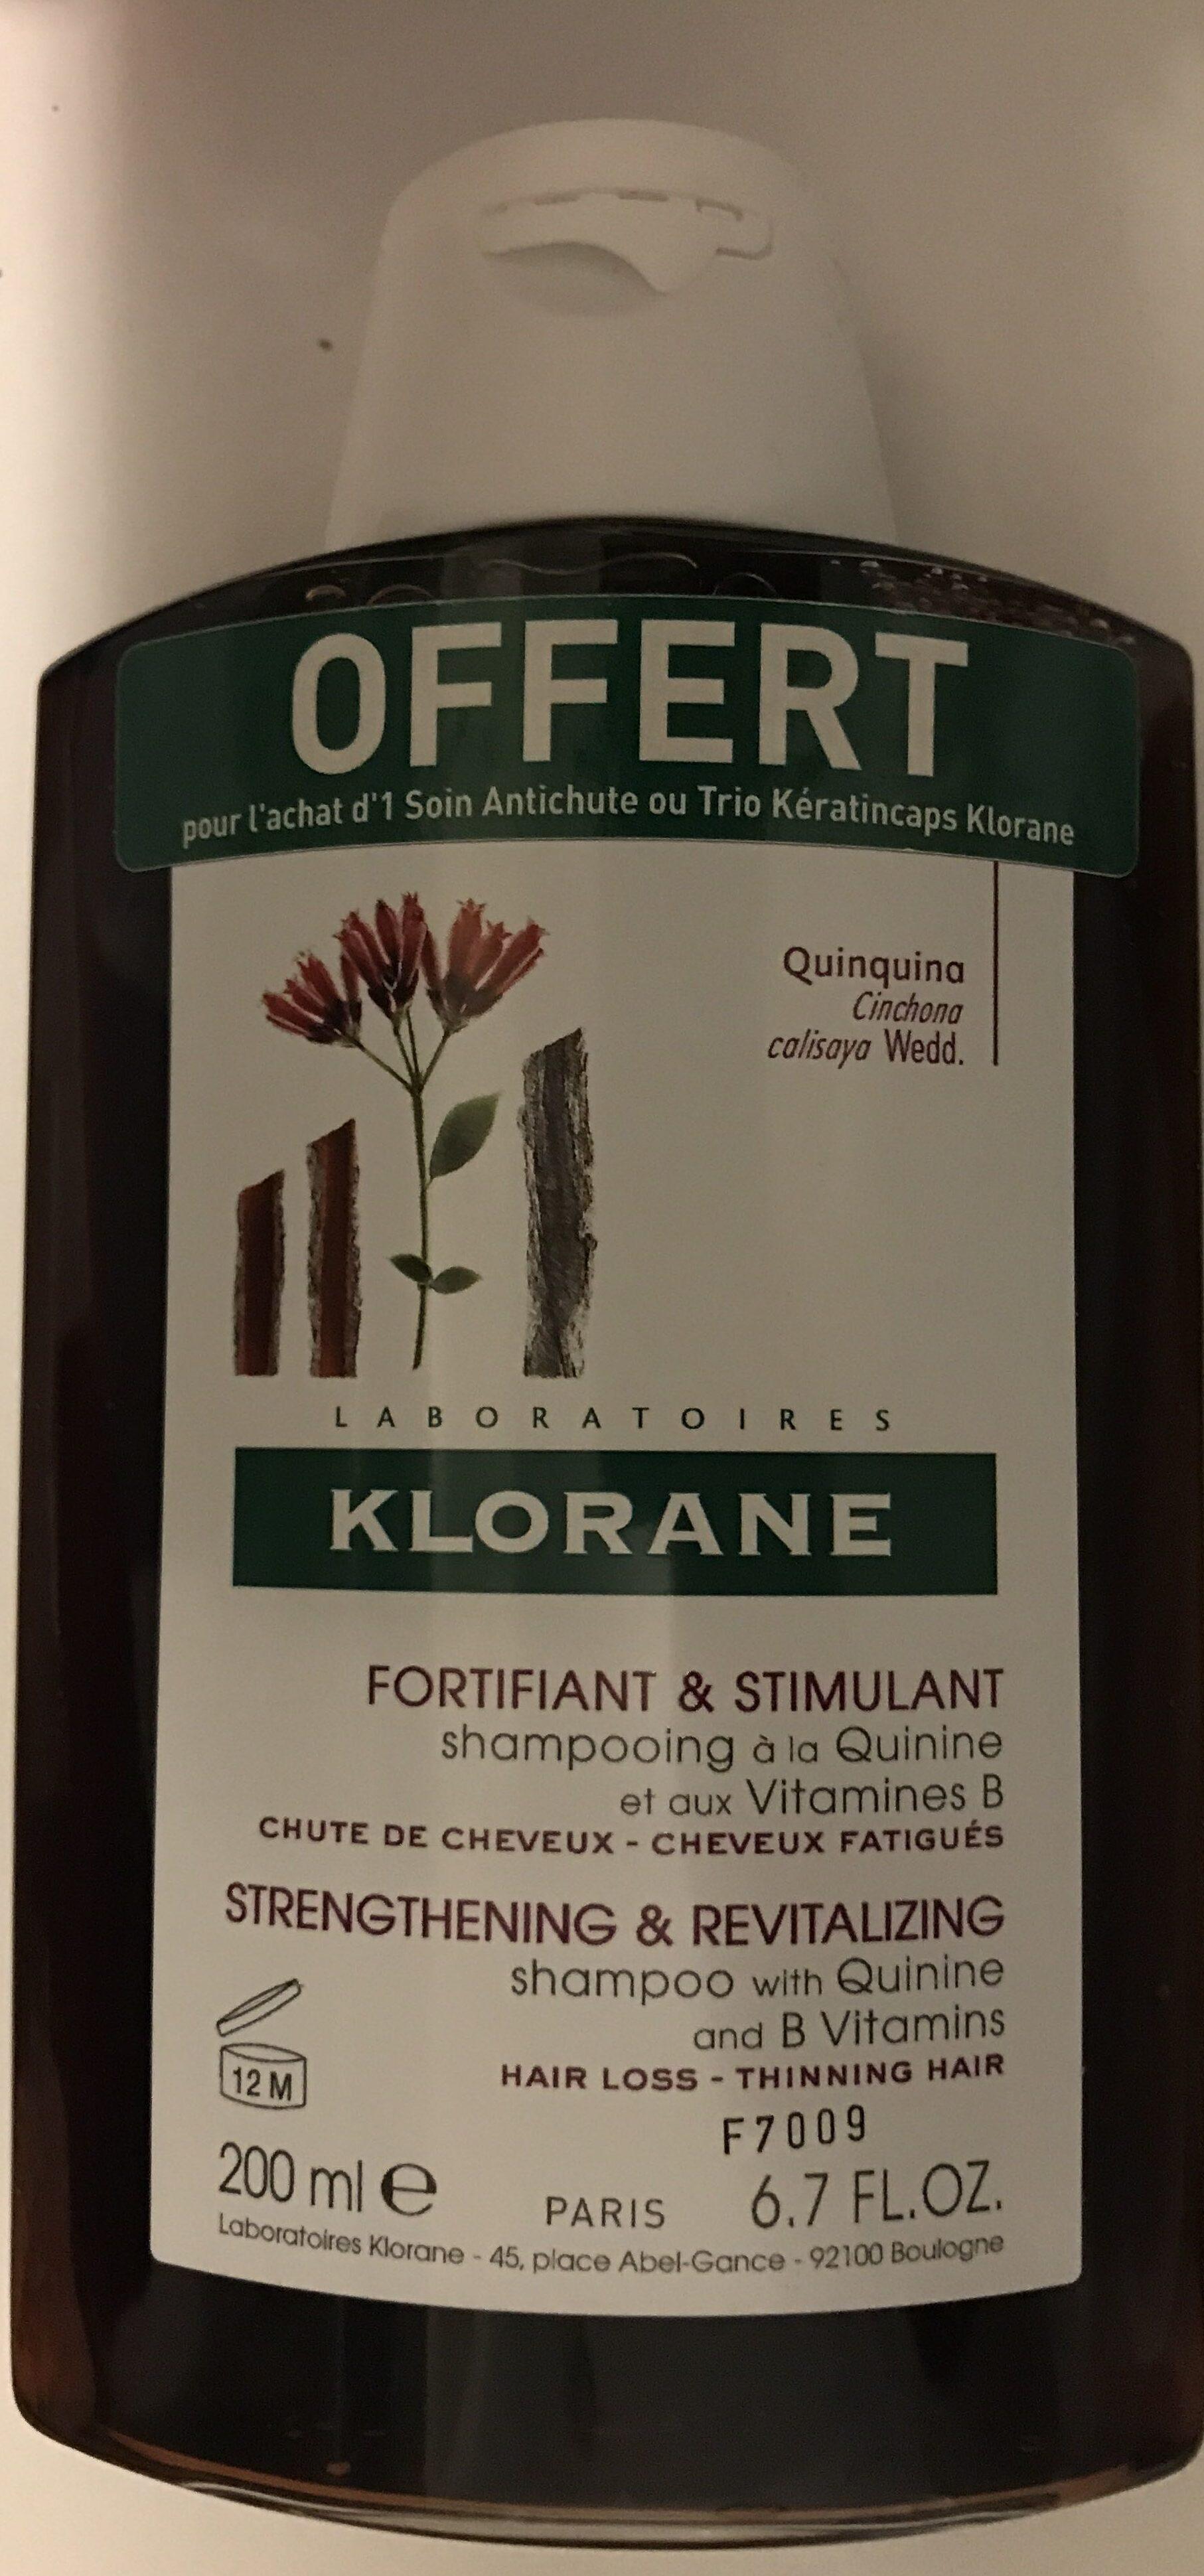 Fortifiant & Stimulant Shampooing à la Quinine et aux Vitamines B - Product